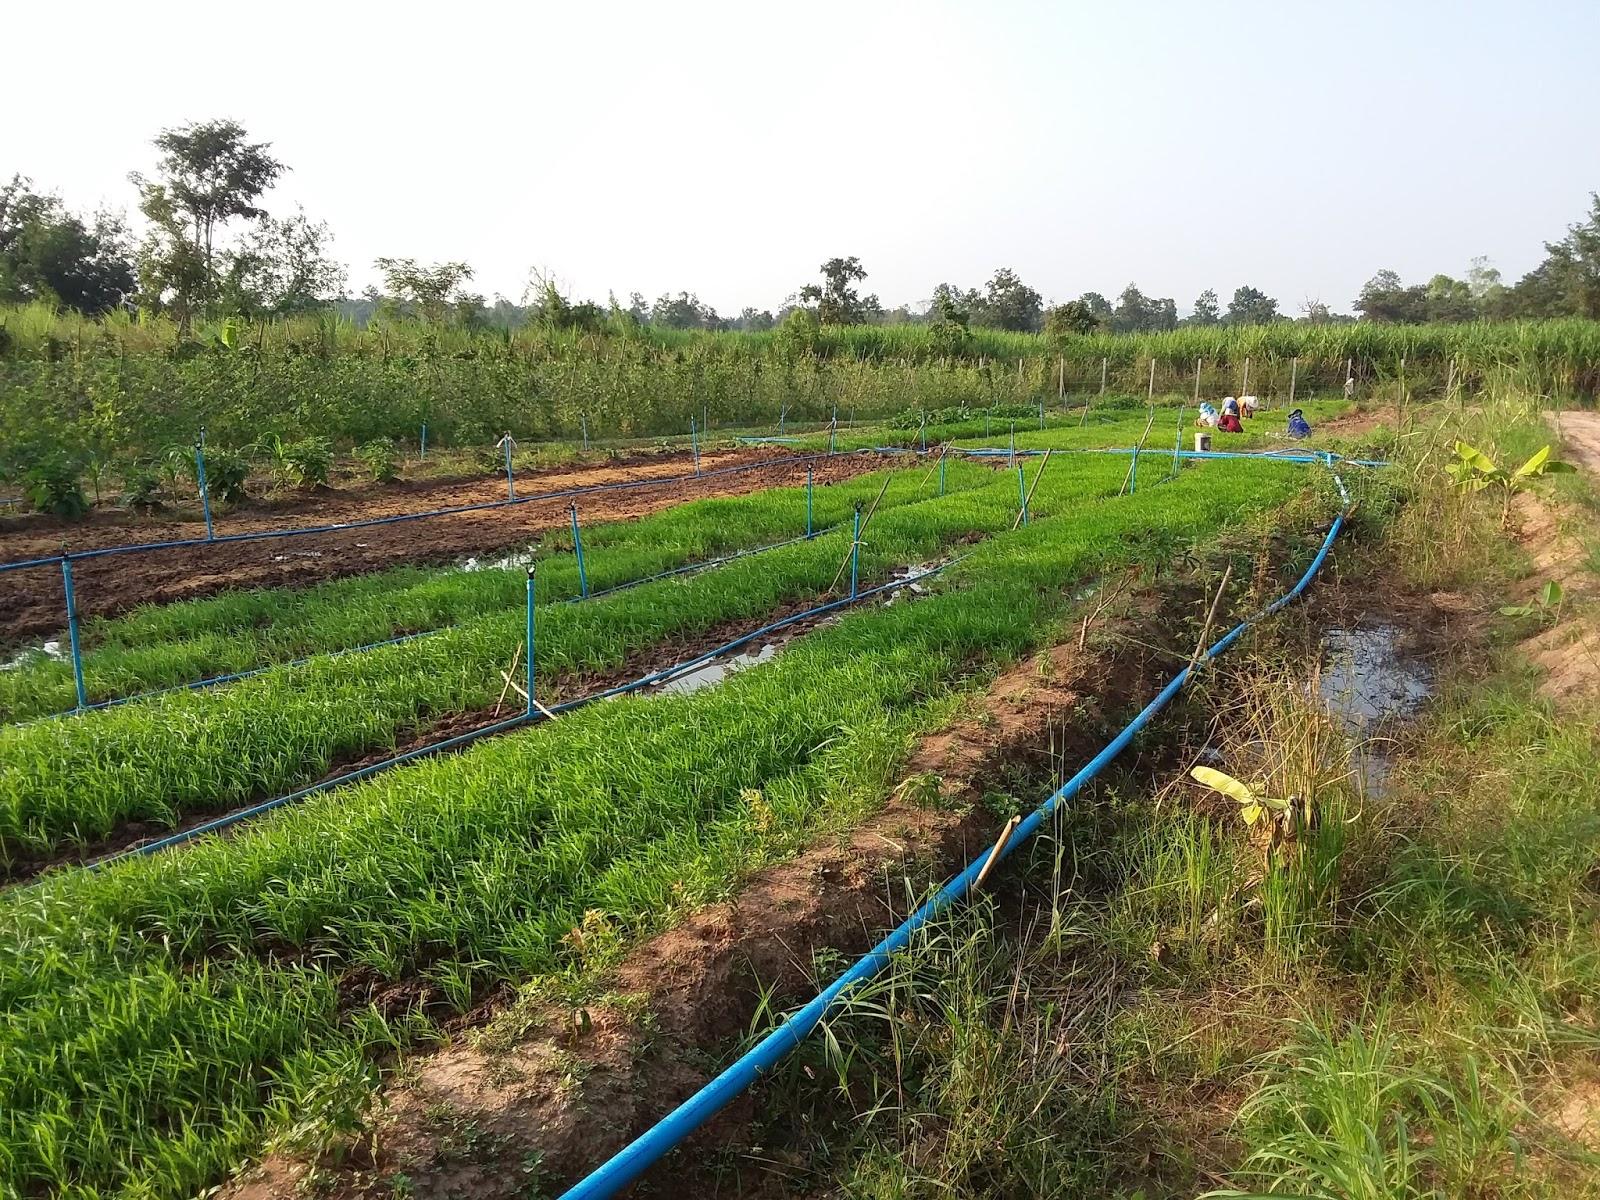 Unser Grösstes Feld Mit Dem Pak Bung (Wasserspinat)   Wir Haben Noch Zwei  Kleinere   Muss Zwar Intensiv Bewässert Werden, Ist Aber Sehr Rentabel.